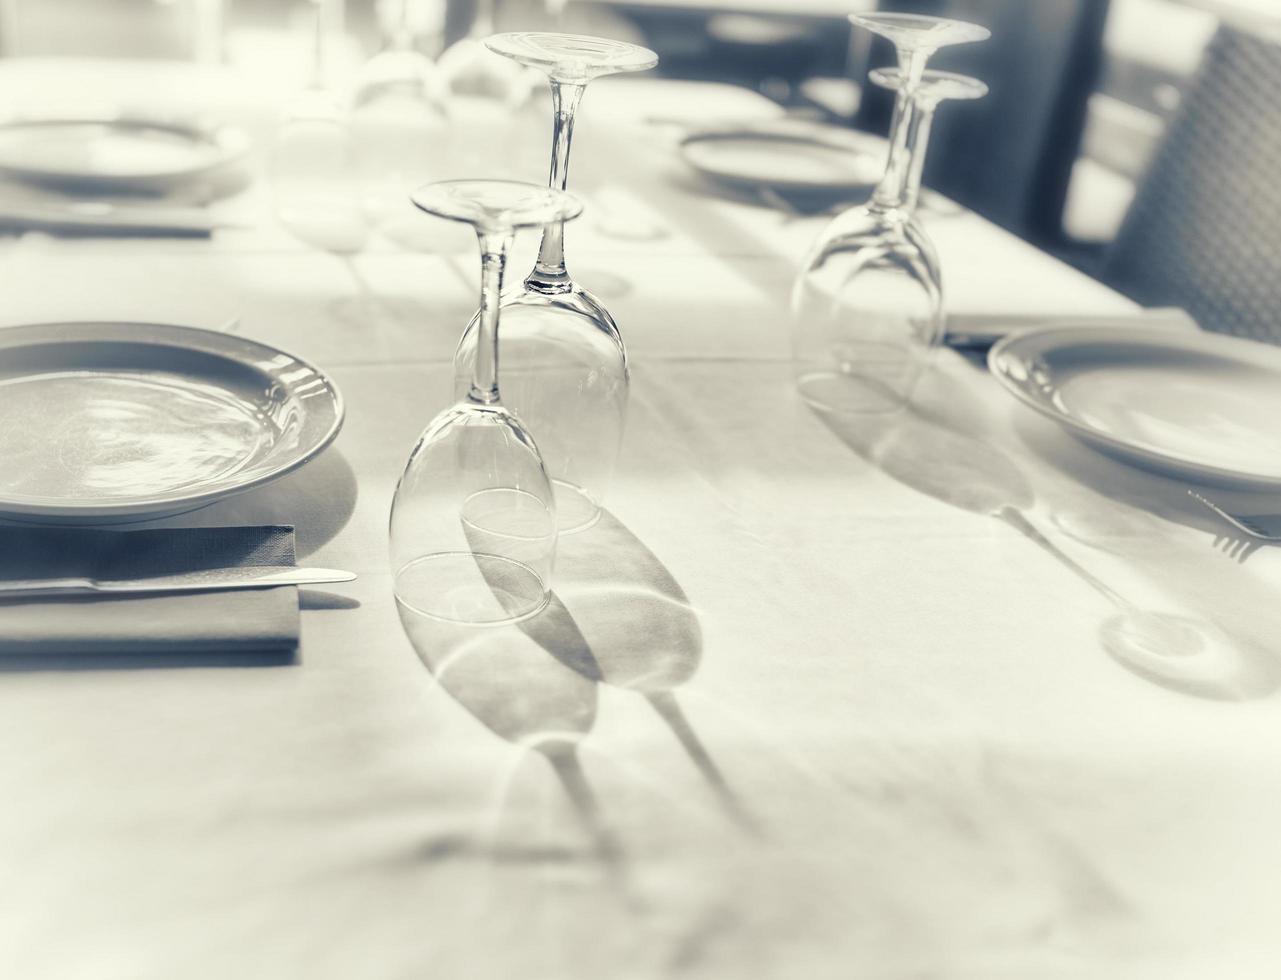 photographie d'inclinaison de la gastronomie photo